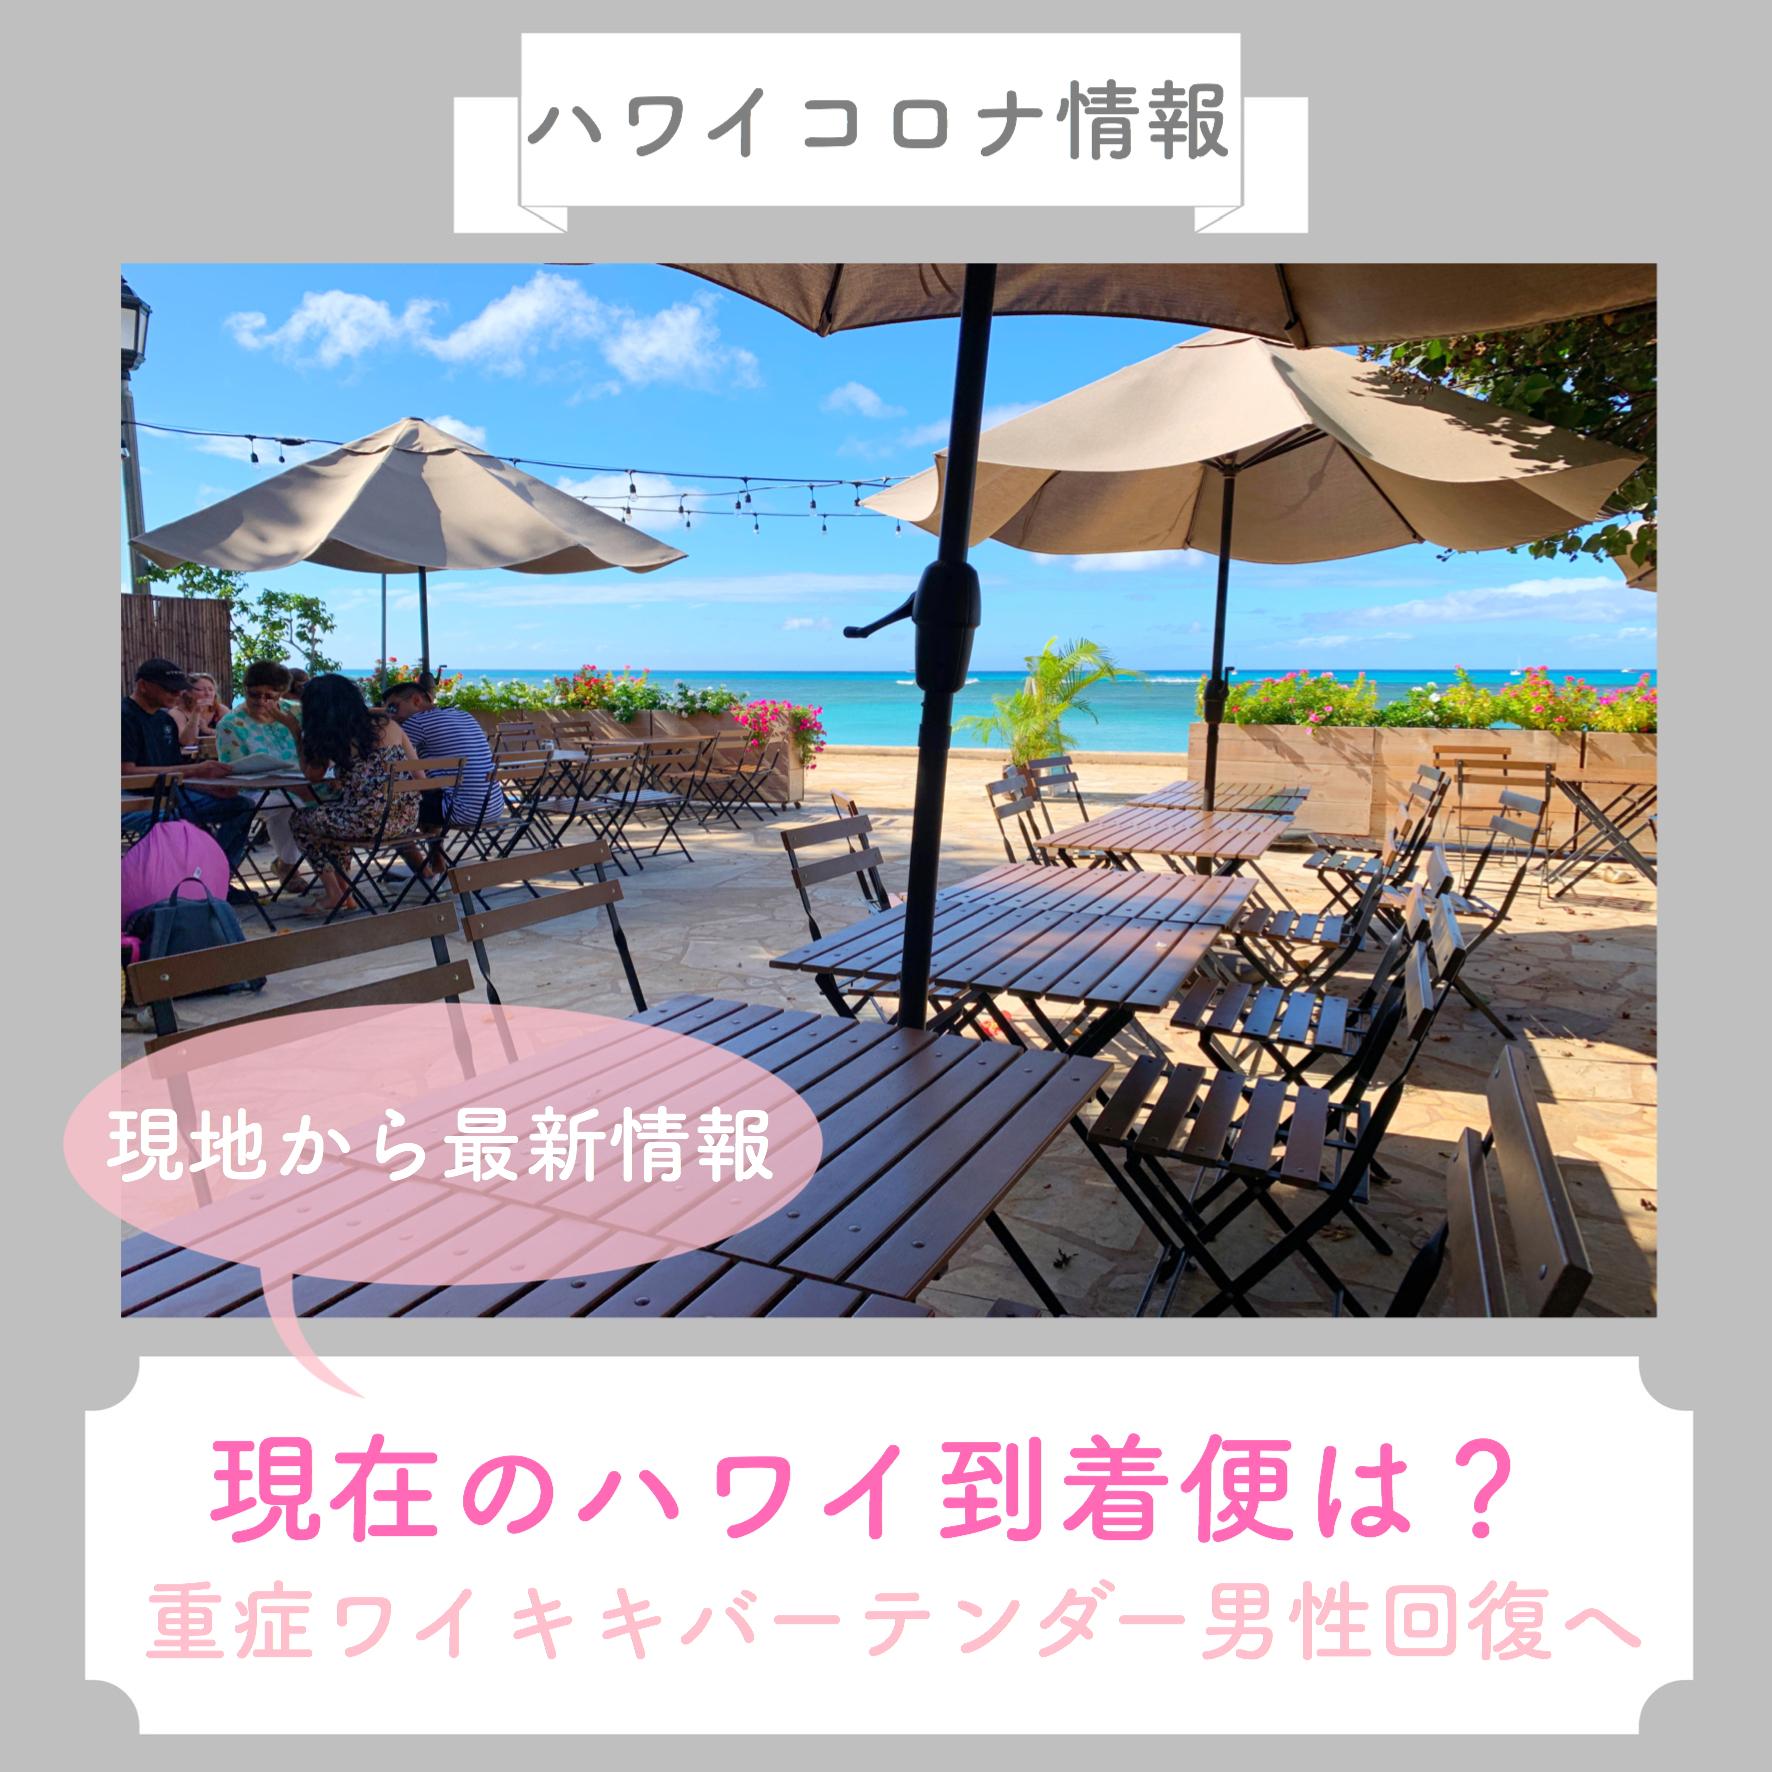 【ハワイコロナ情報】現在のハワイ到着便は?重症のワイキキバーテンダー男性が回復へ